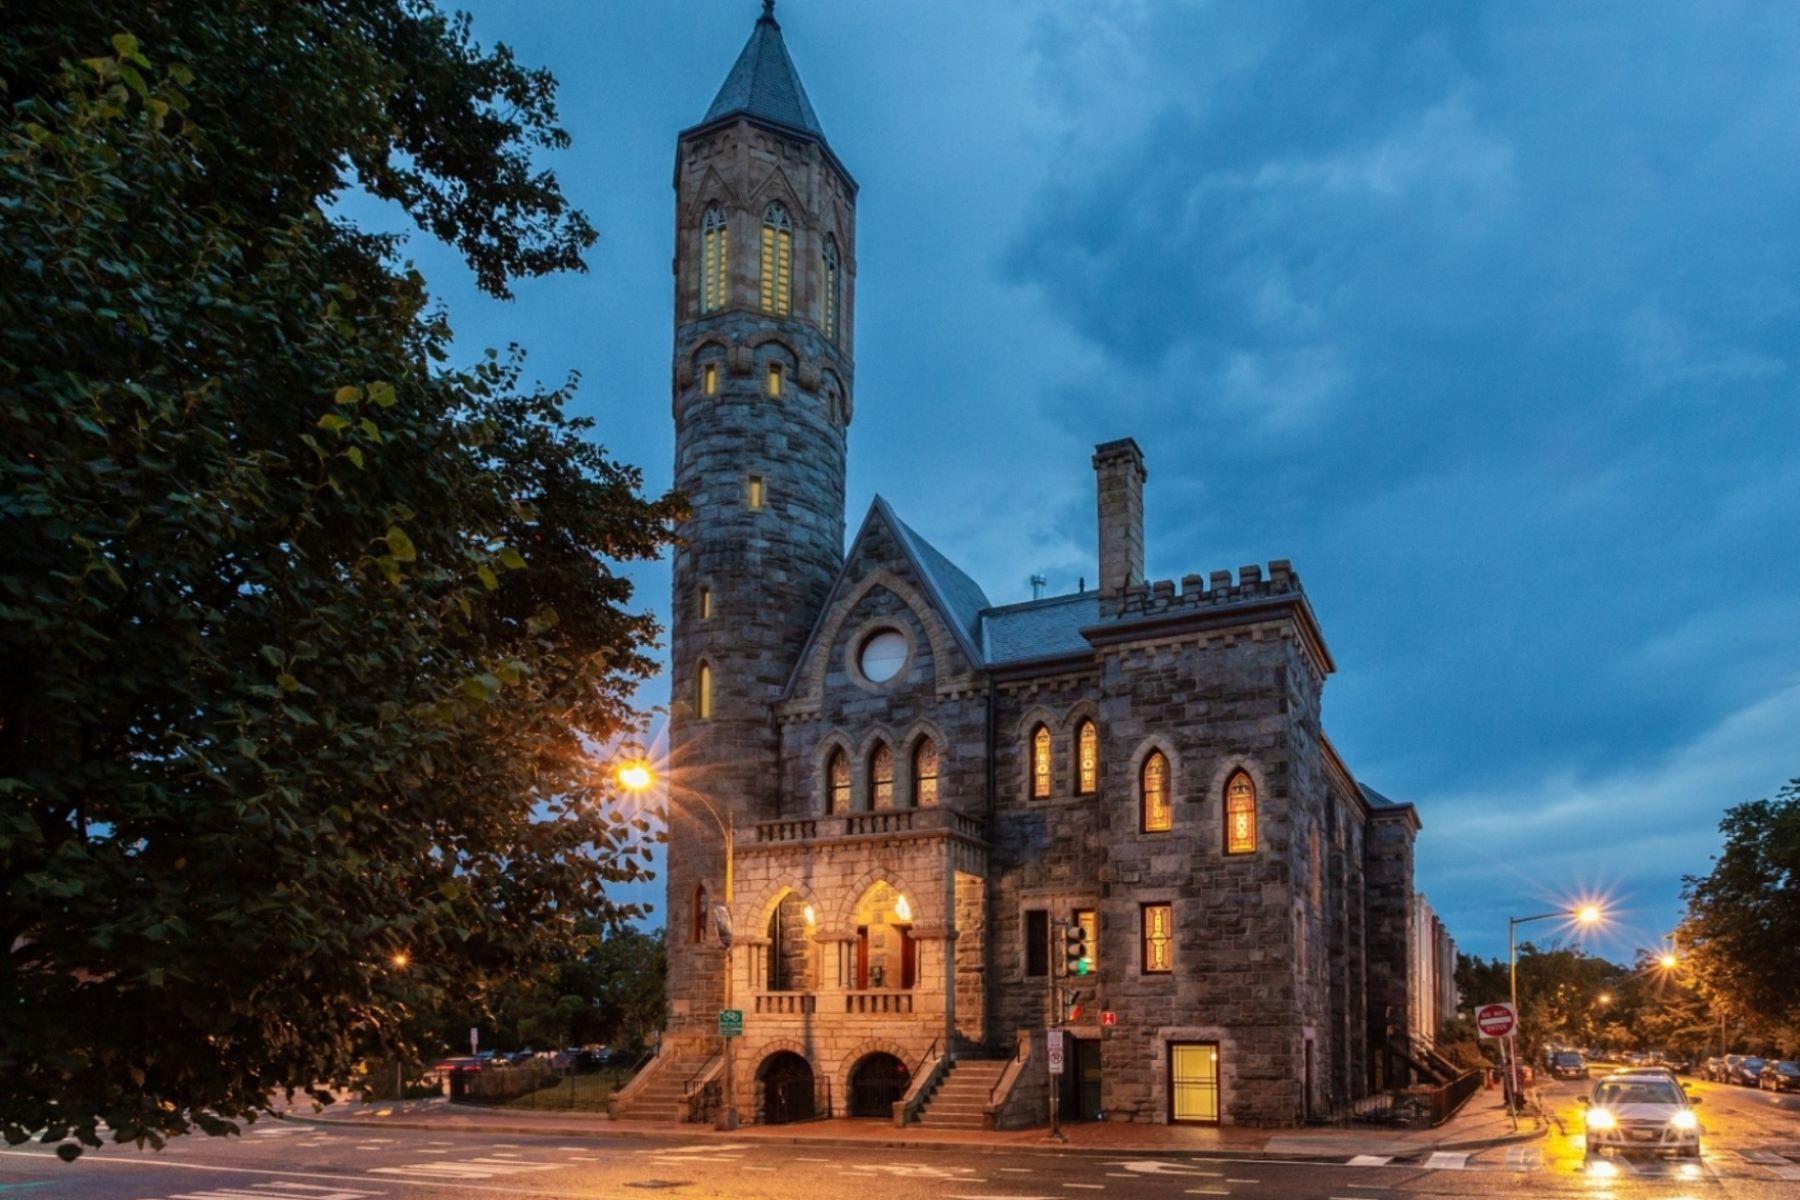 Condominium for Sale at 609 Maryland Ave NE #1 609 Maryland Ave NE #1 Washington, District Of Columbia 20002 United States